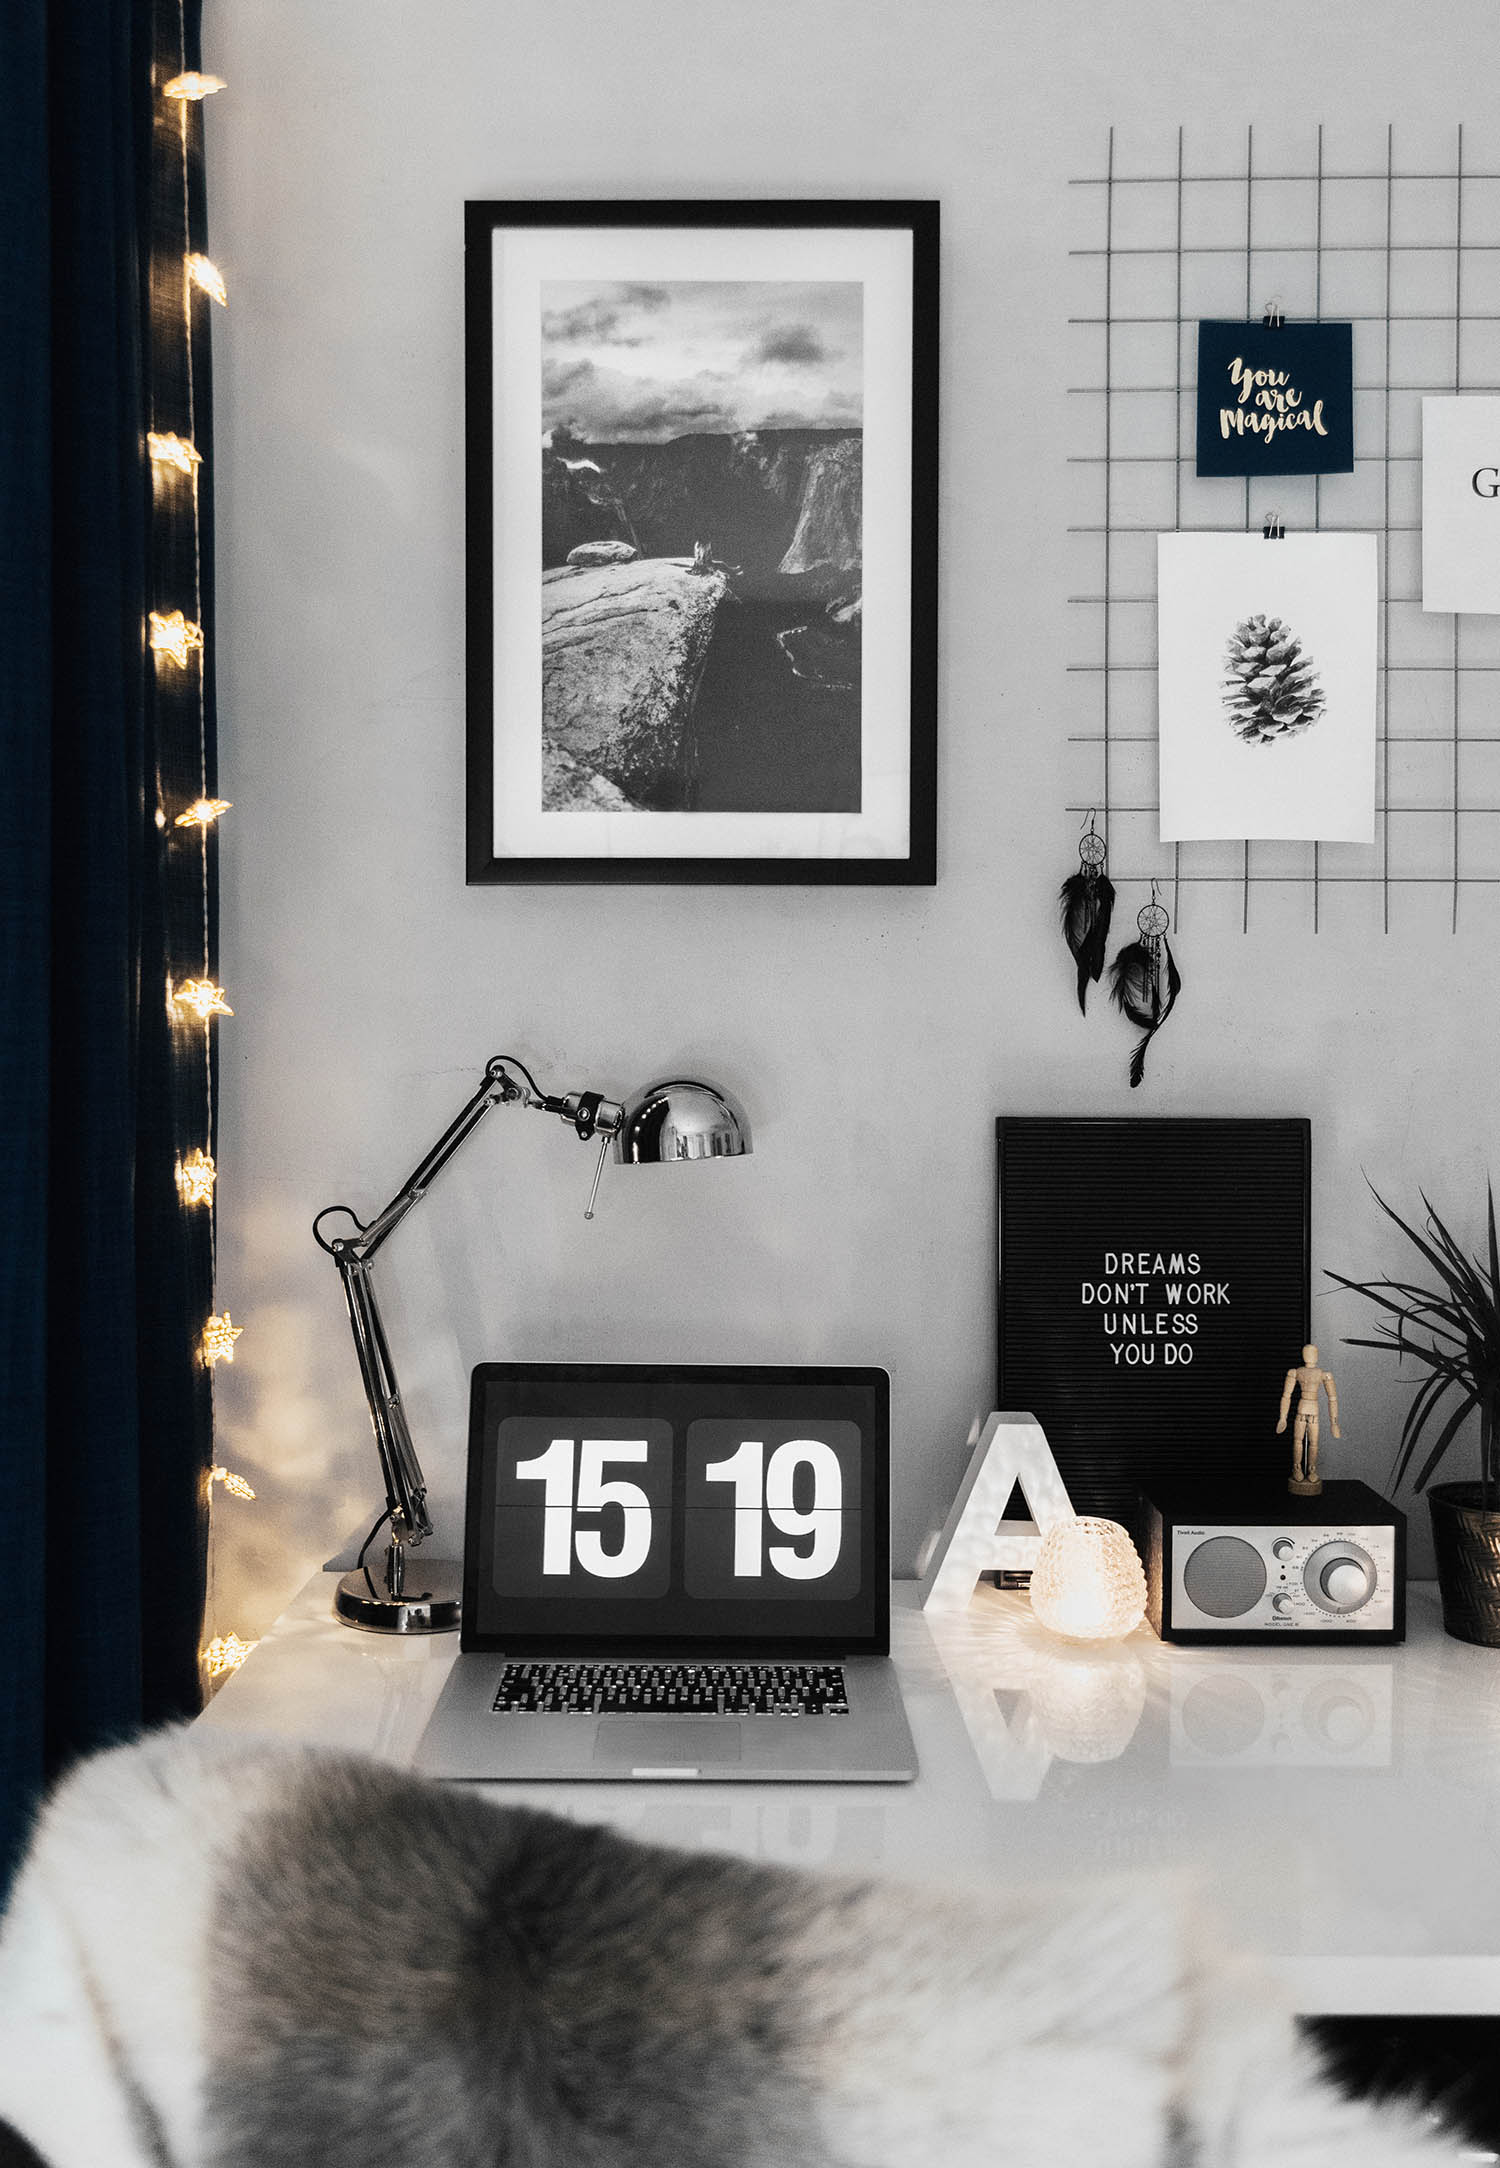 BestCanvas.se - Skapa en personlig tavla med passepartout - Skandinaviskt Workspace